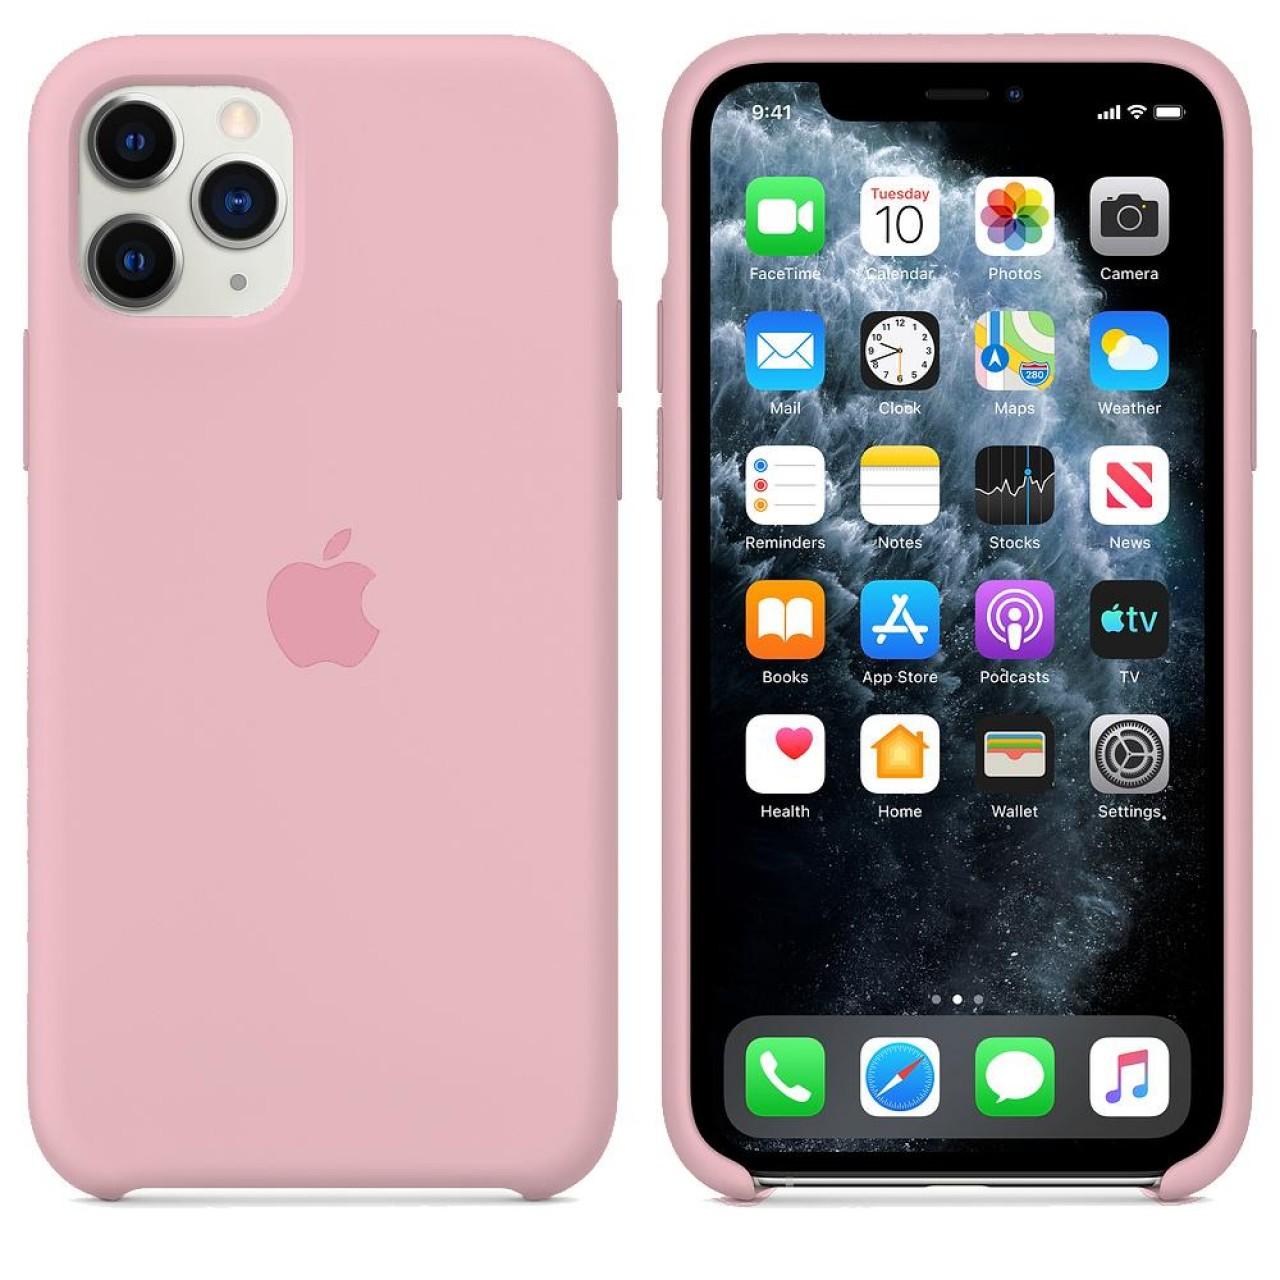 ΘΗΚΗ ΠΡΟΣΤΑΣΙΑΣ ΣΙΛΙΚΟΝΗΣ ΓΙΑ iPhone 11 PRO ΡΟΖ - BACK COVER SILICON CASE PINK - OEM